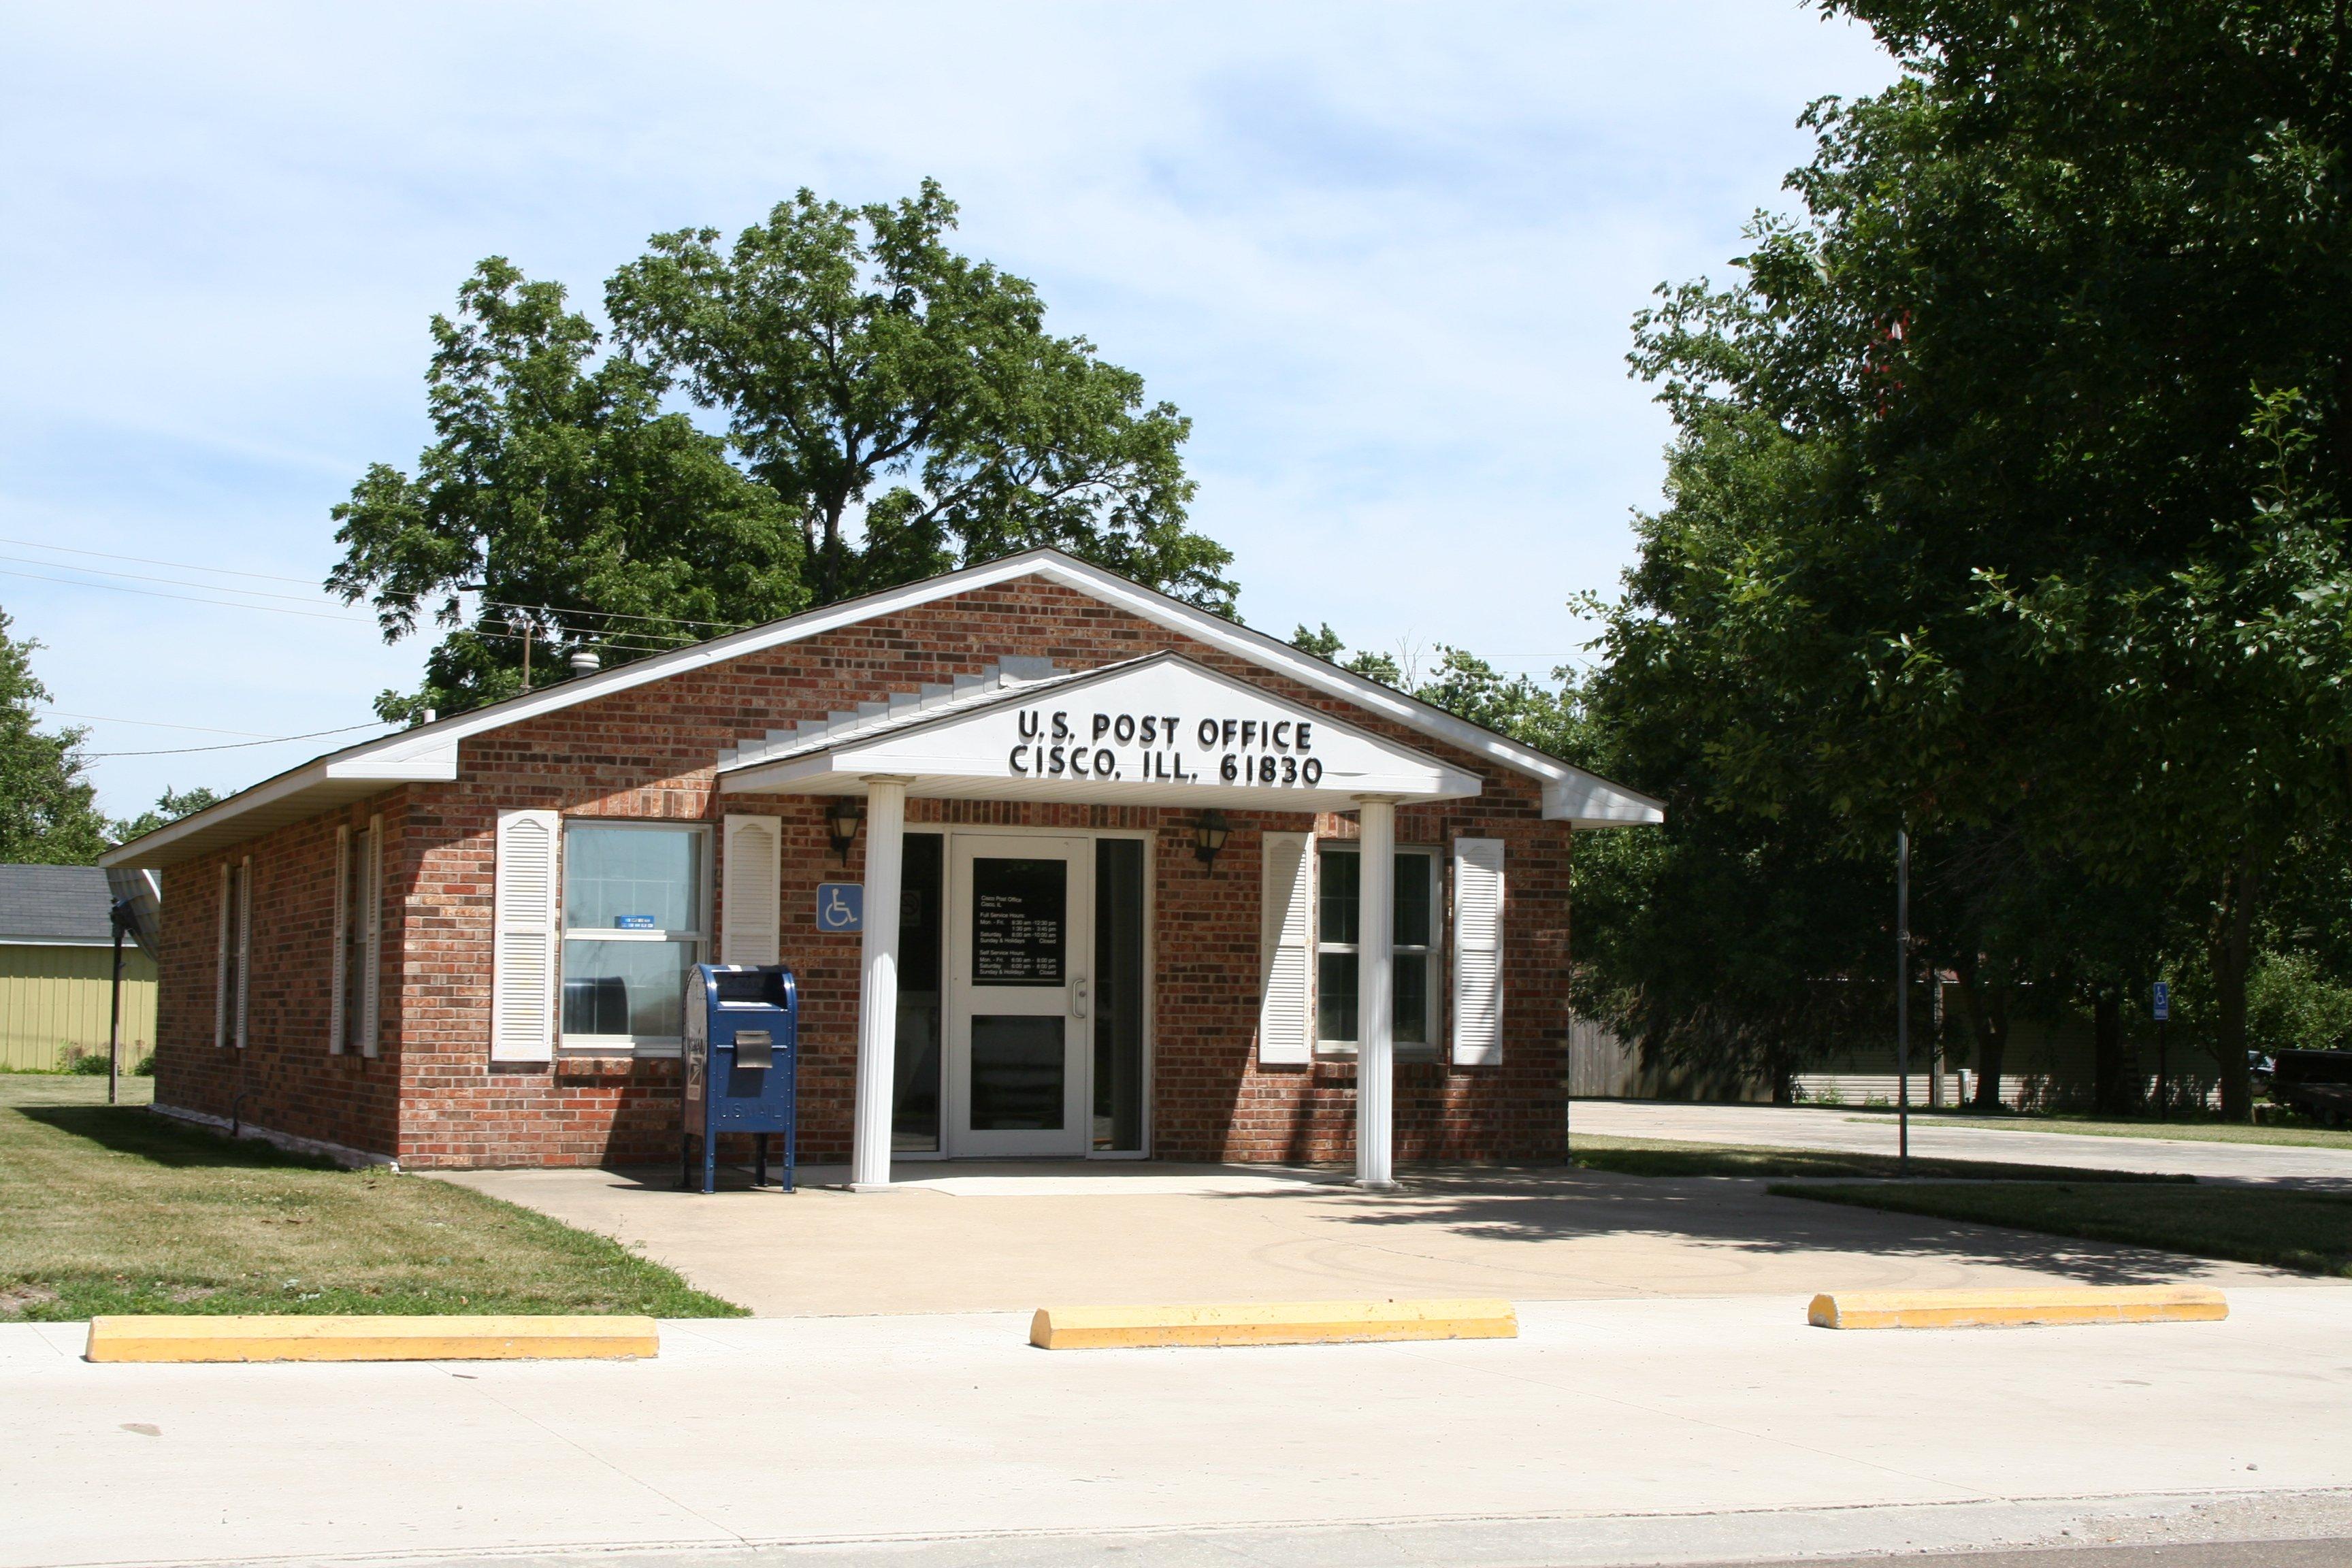 Illinois piatt county cisco - File Cisco Illinois Post Office Jpg